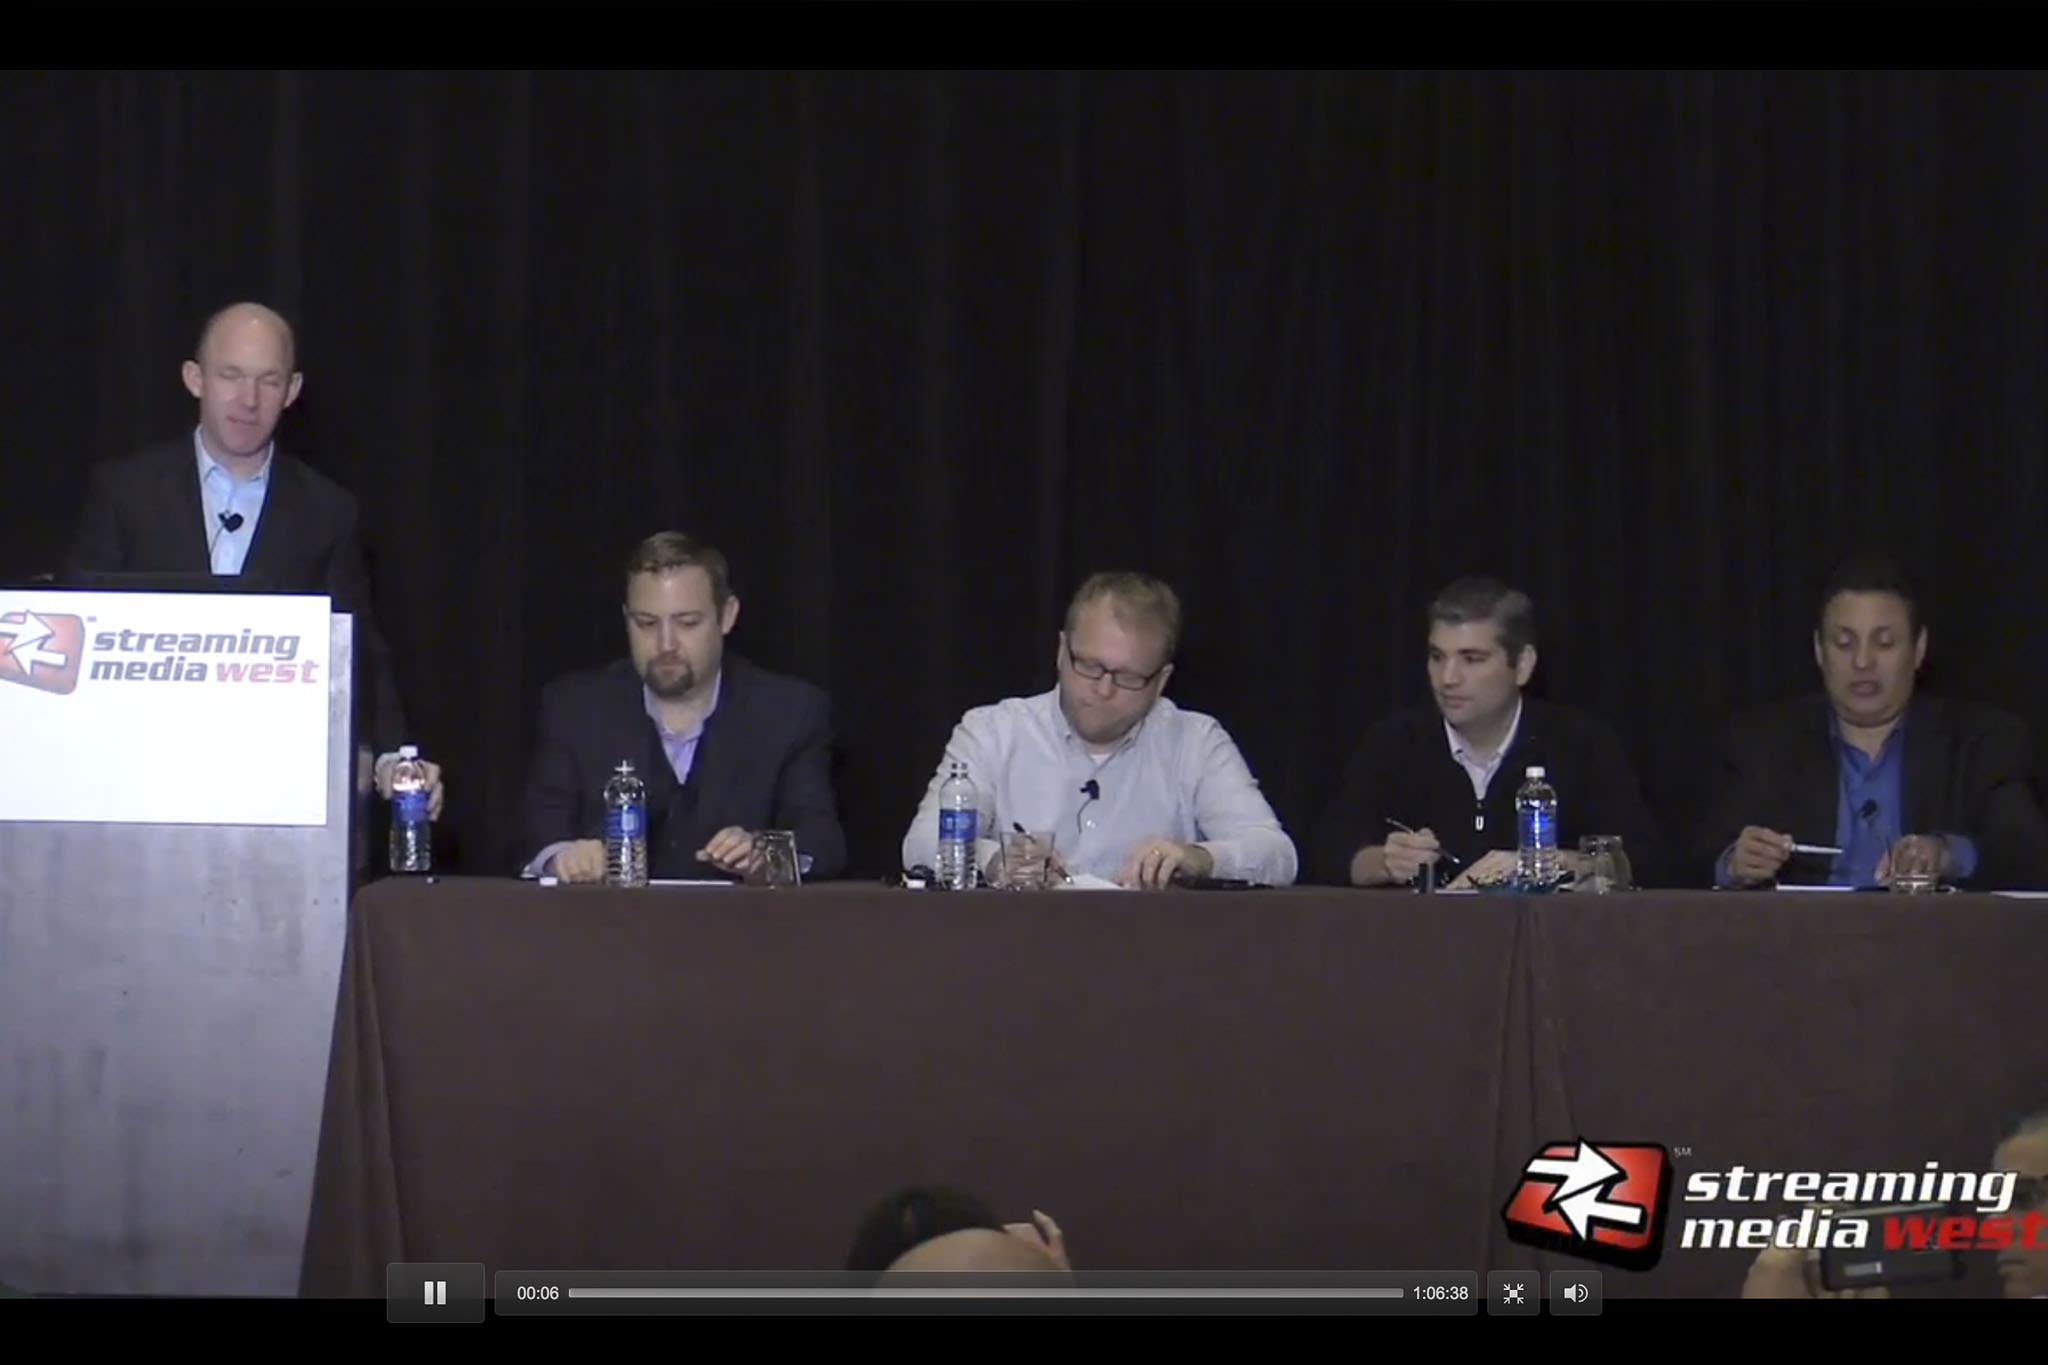 Mark Donnigan moderating panel at Streaming Media